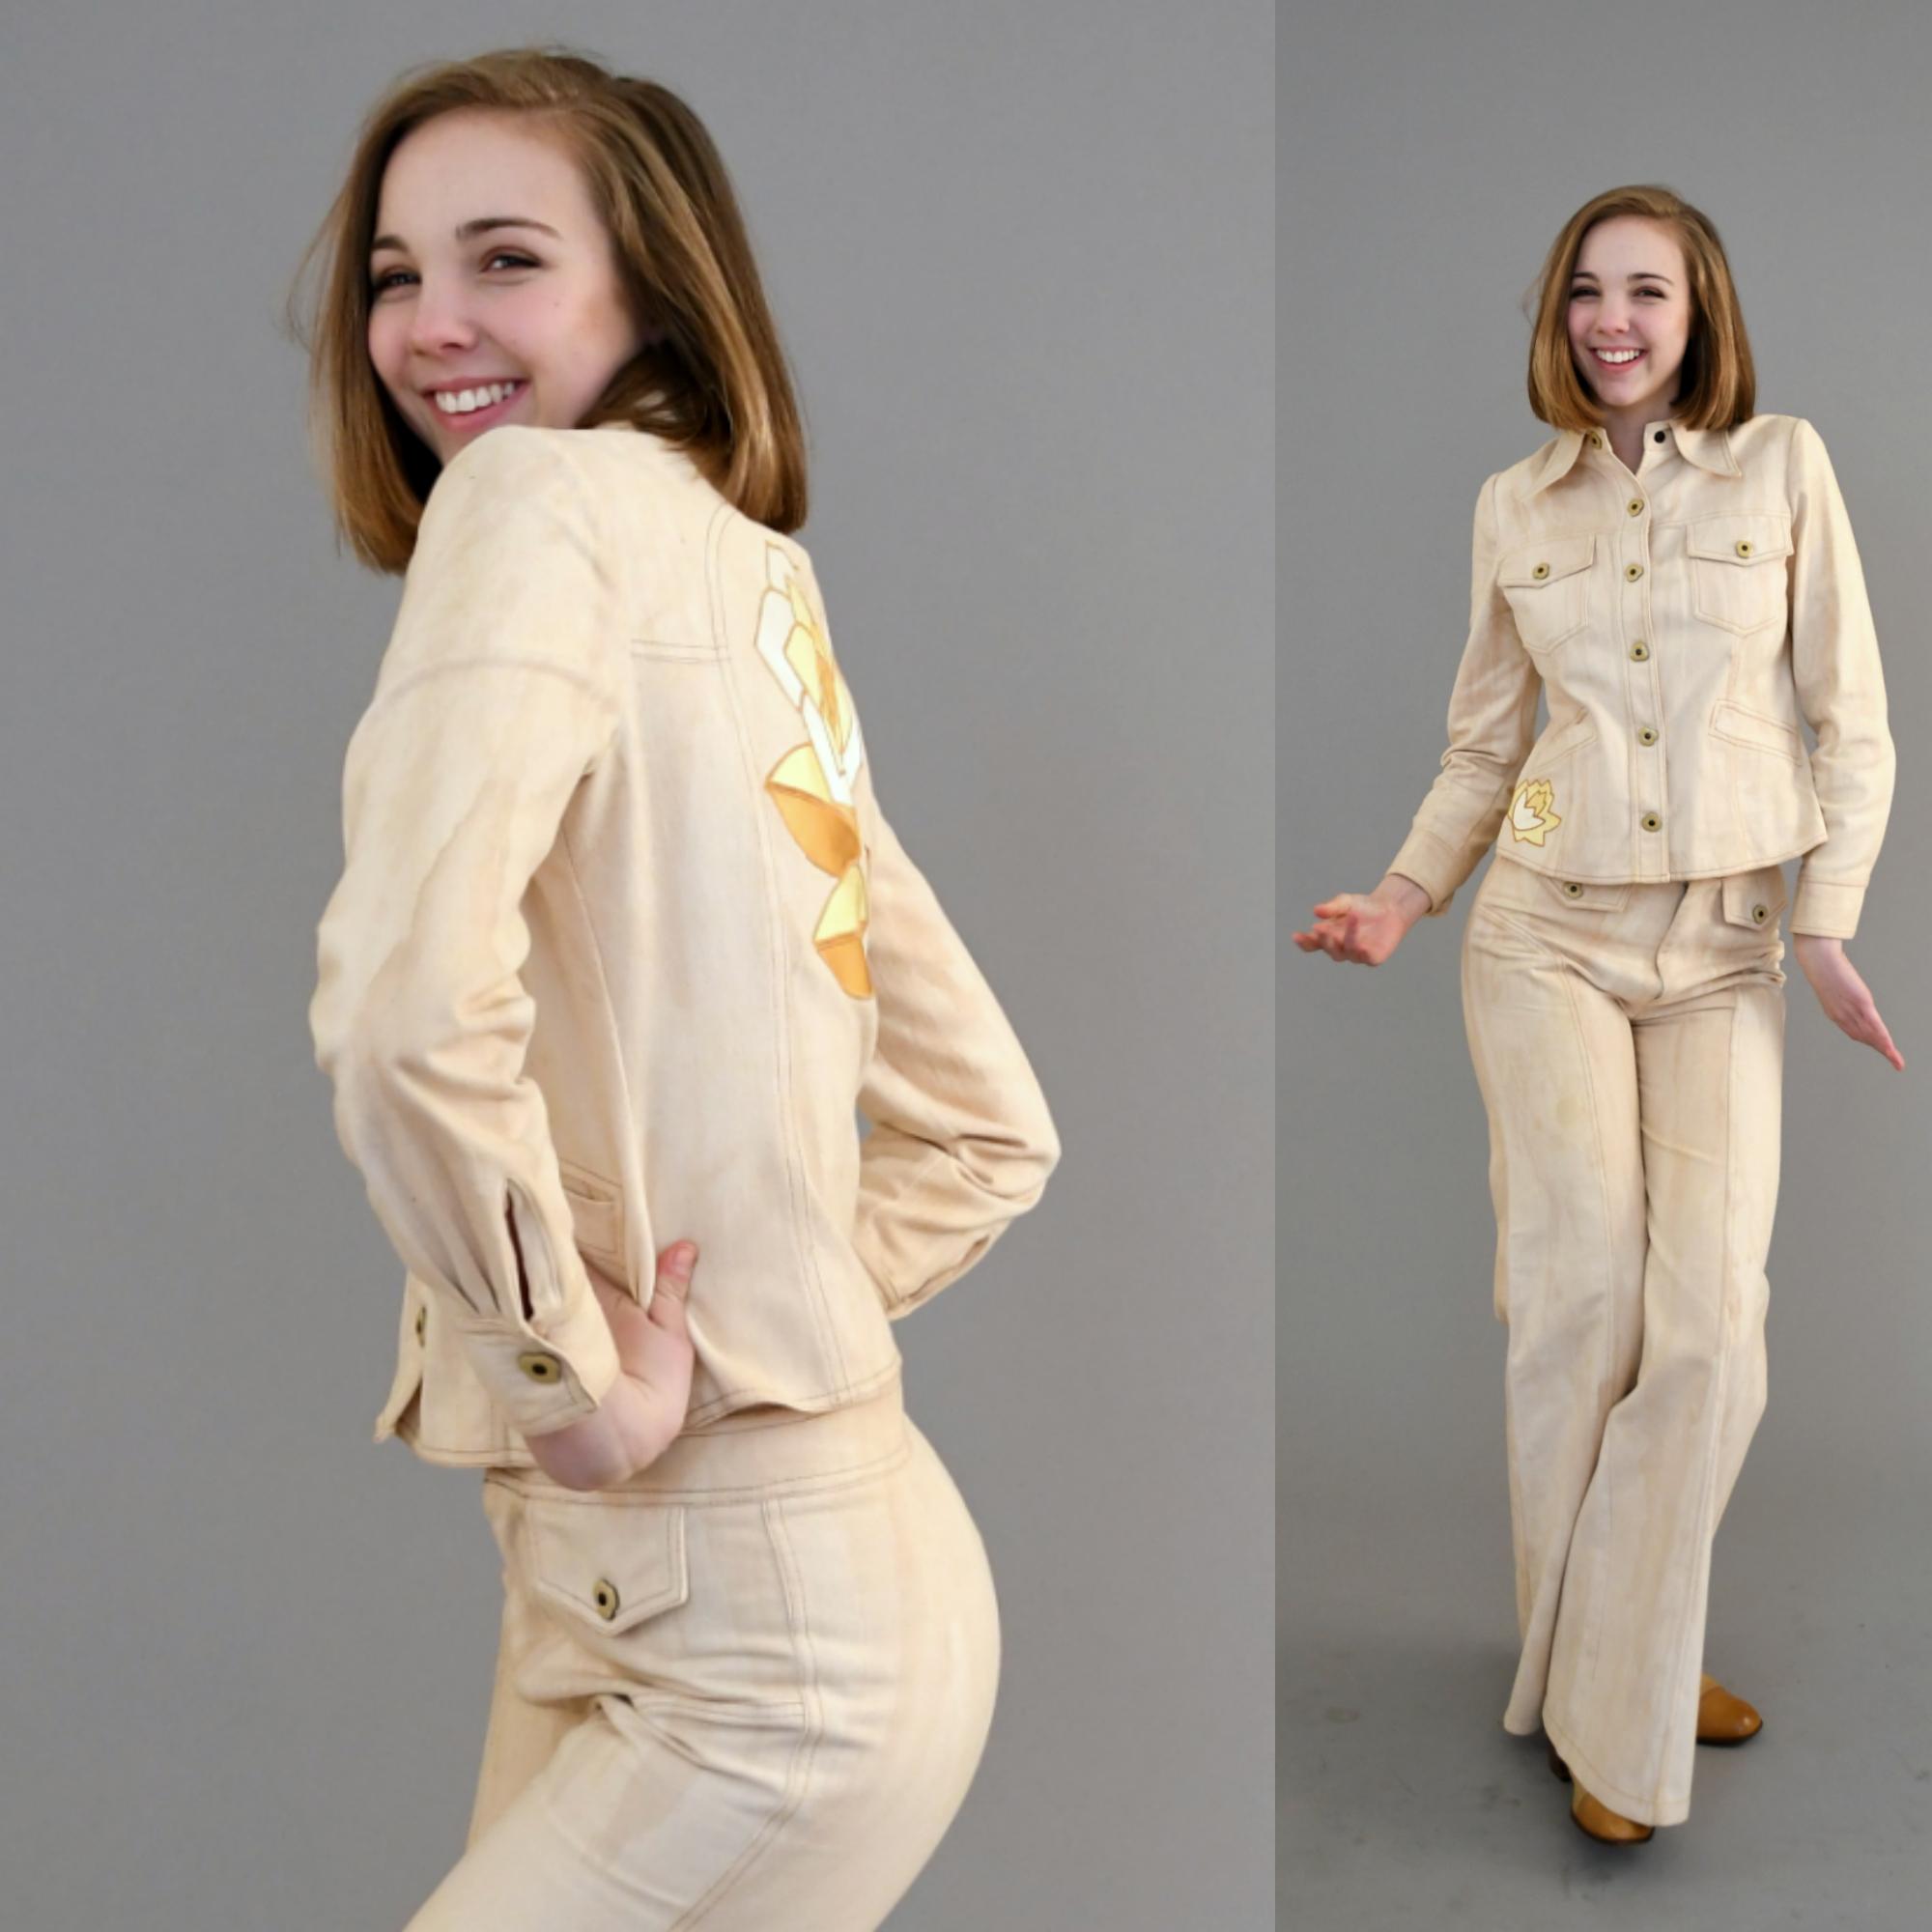 cream suit fascinator.jpg